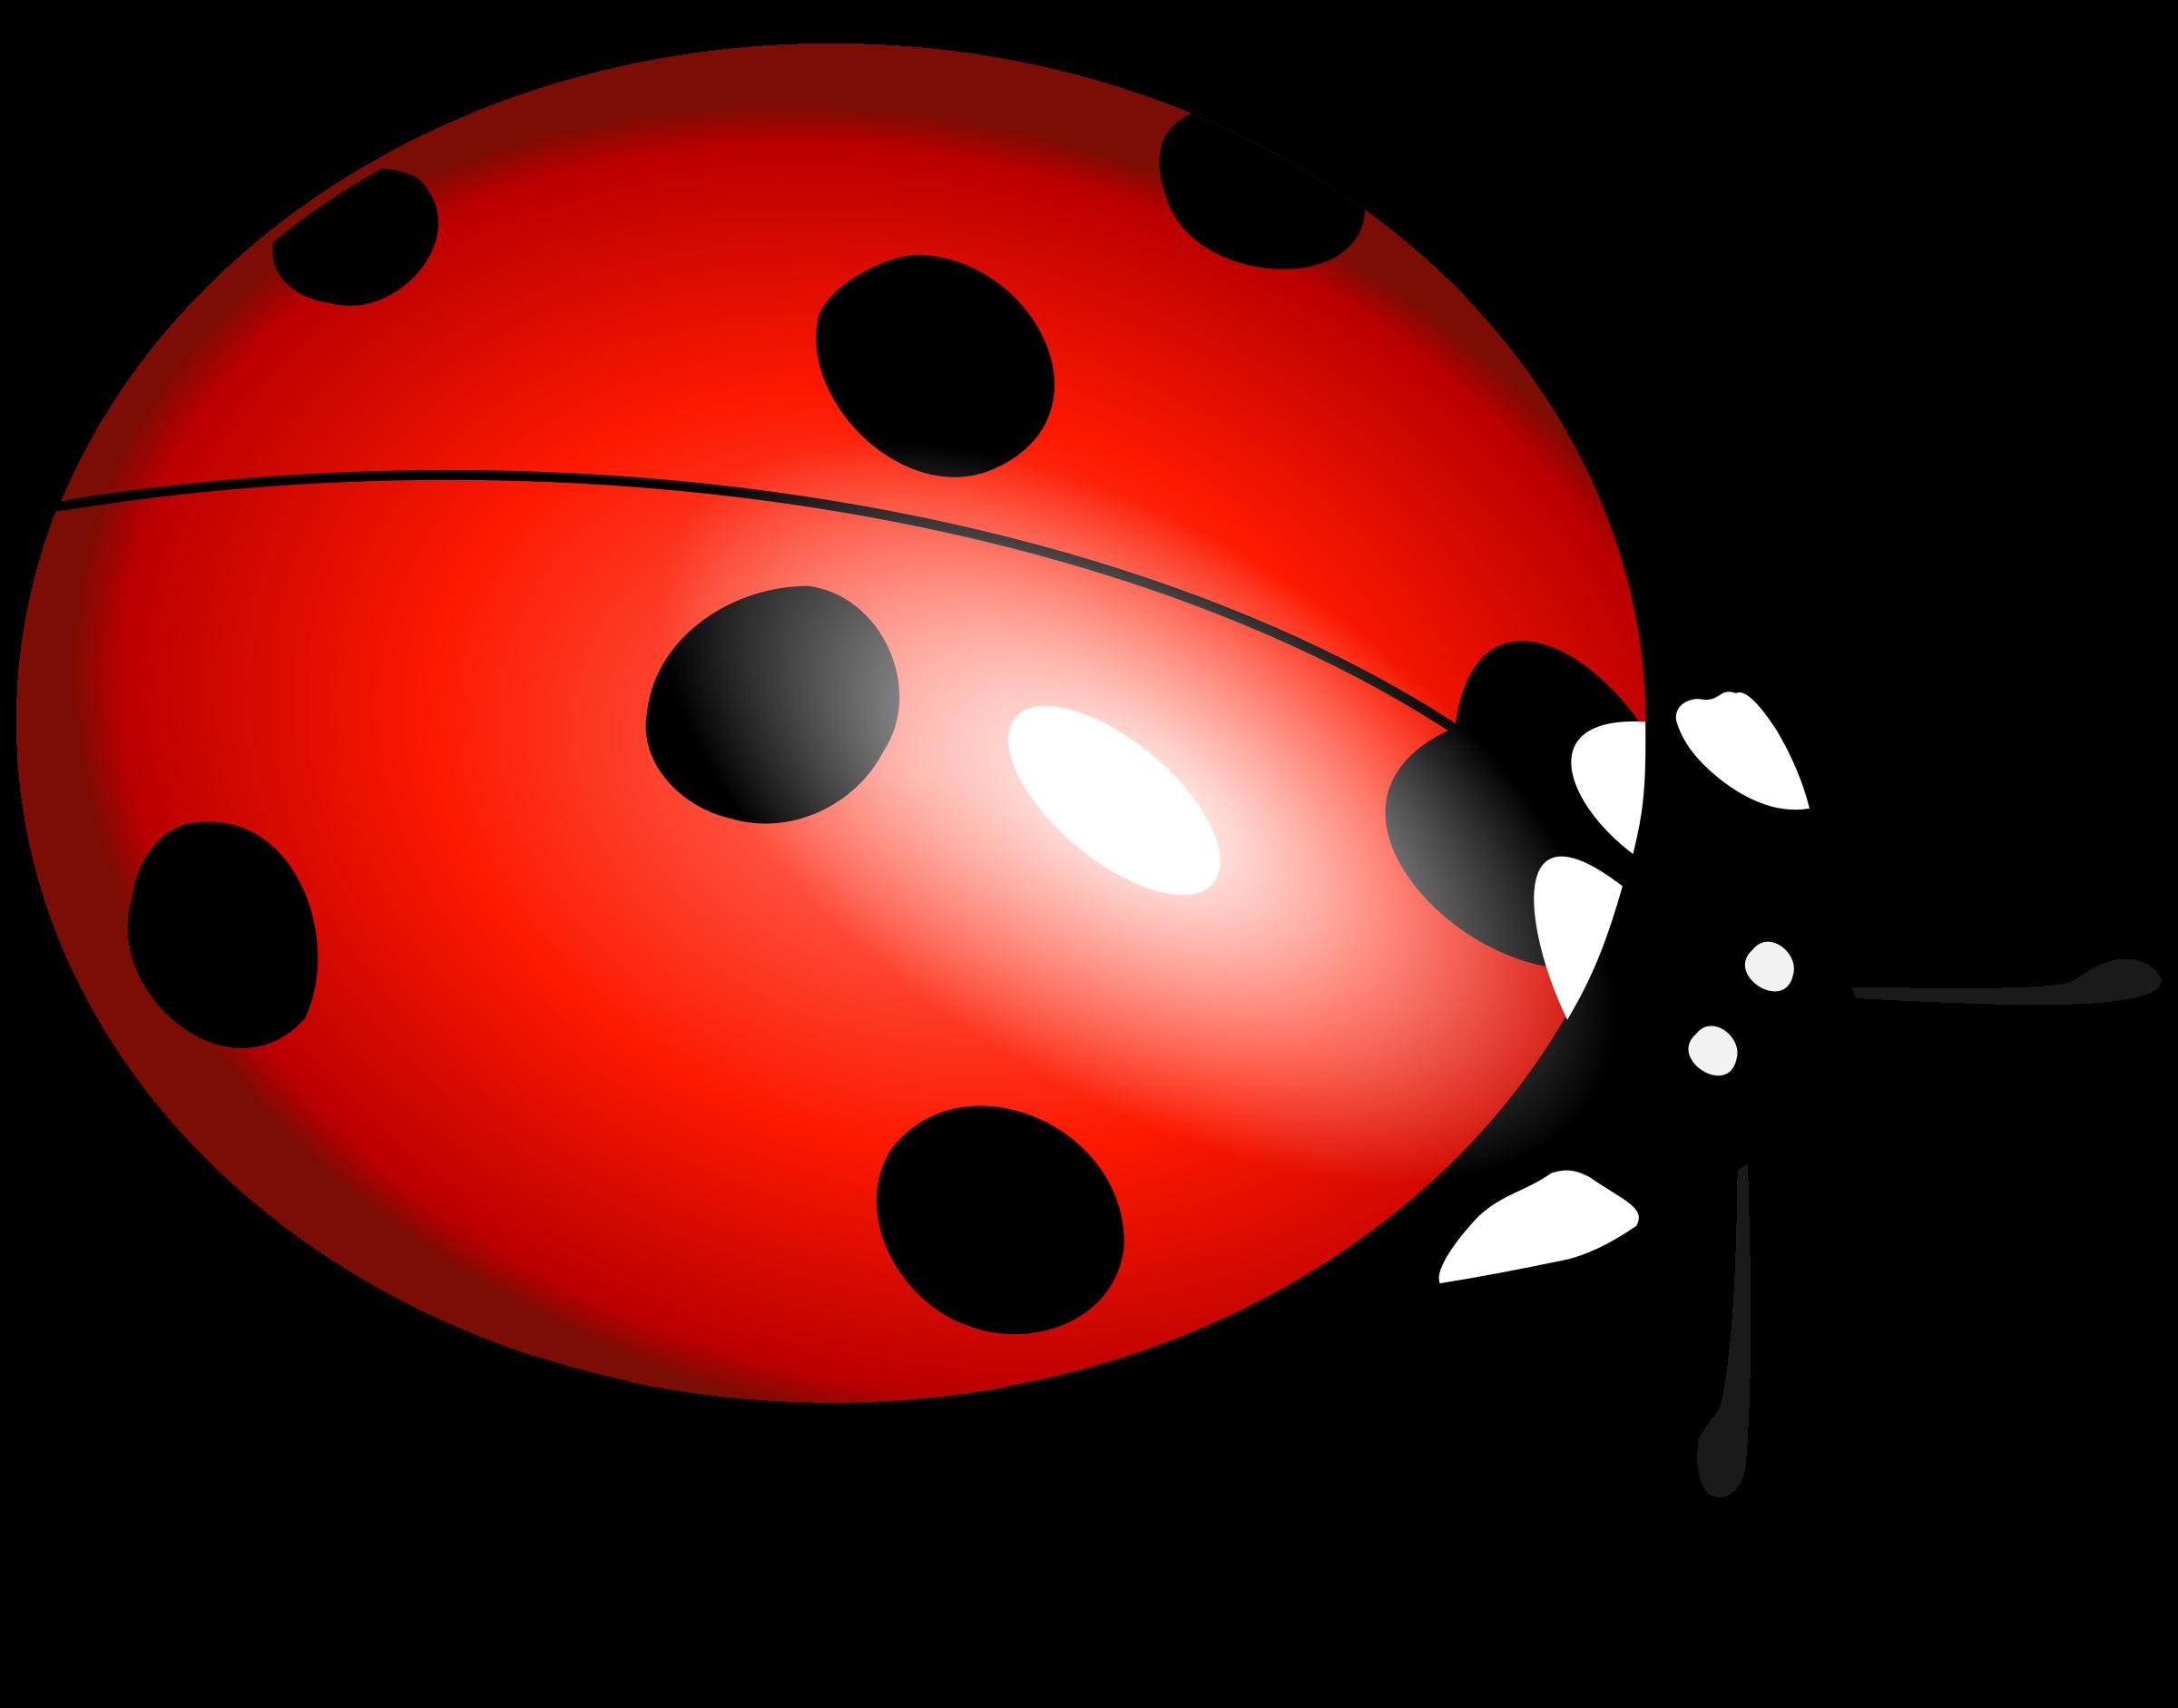 vector free Ladybug clipart. File transparentpng